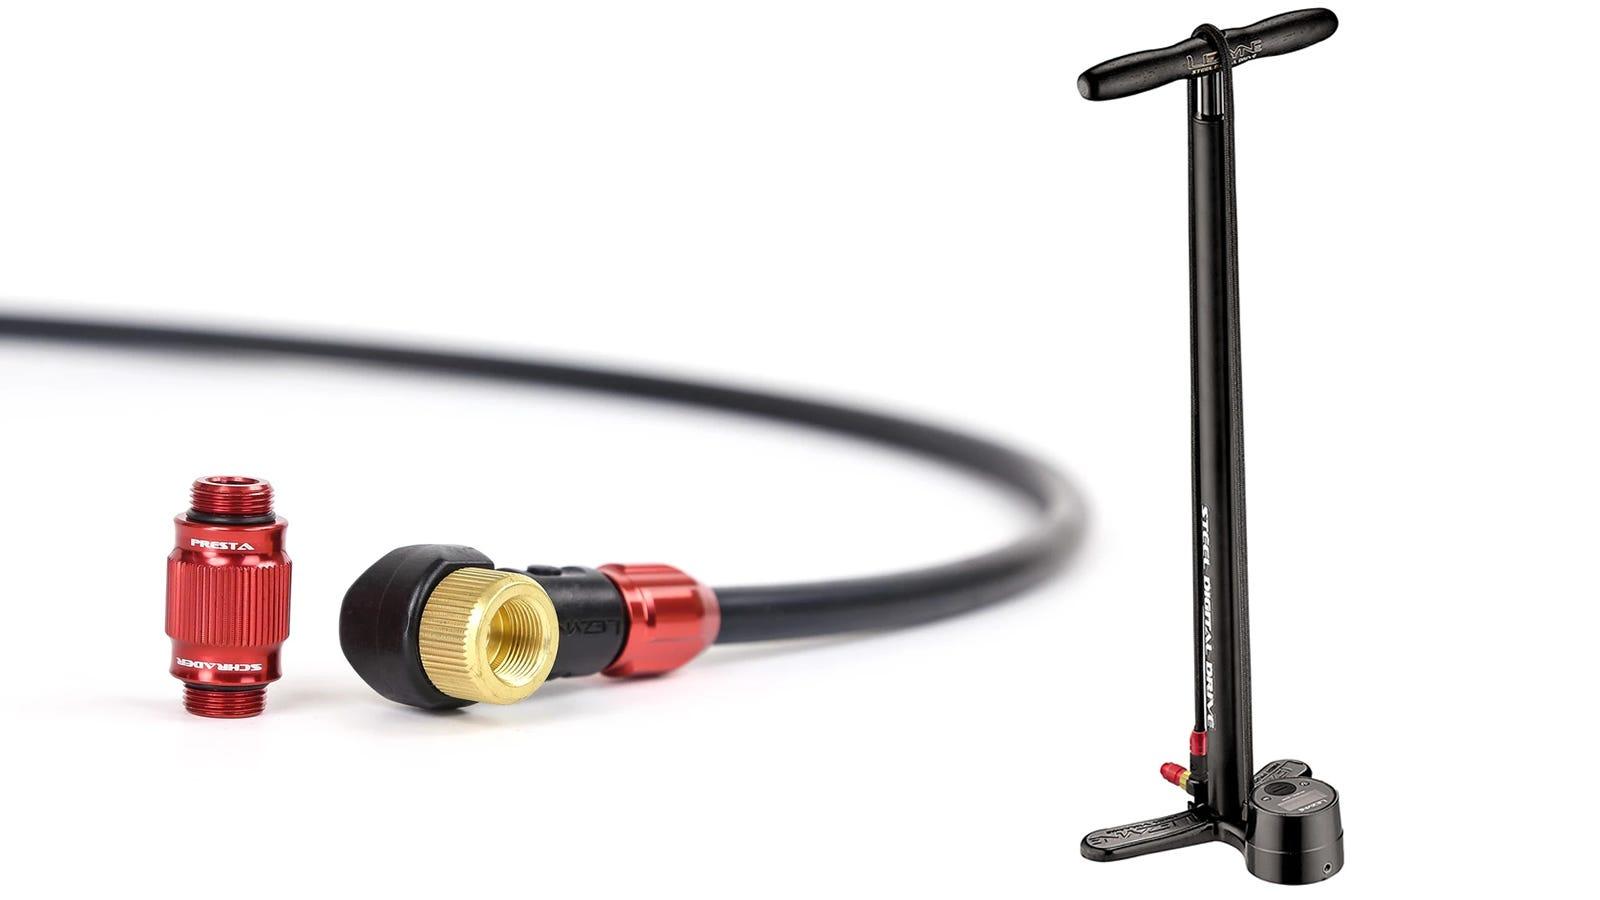 Lezyne Steel Digital Drive Bike Floor Pump